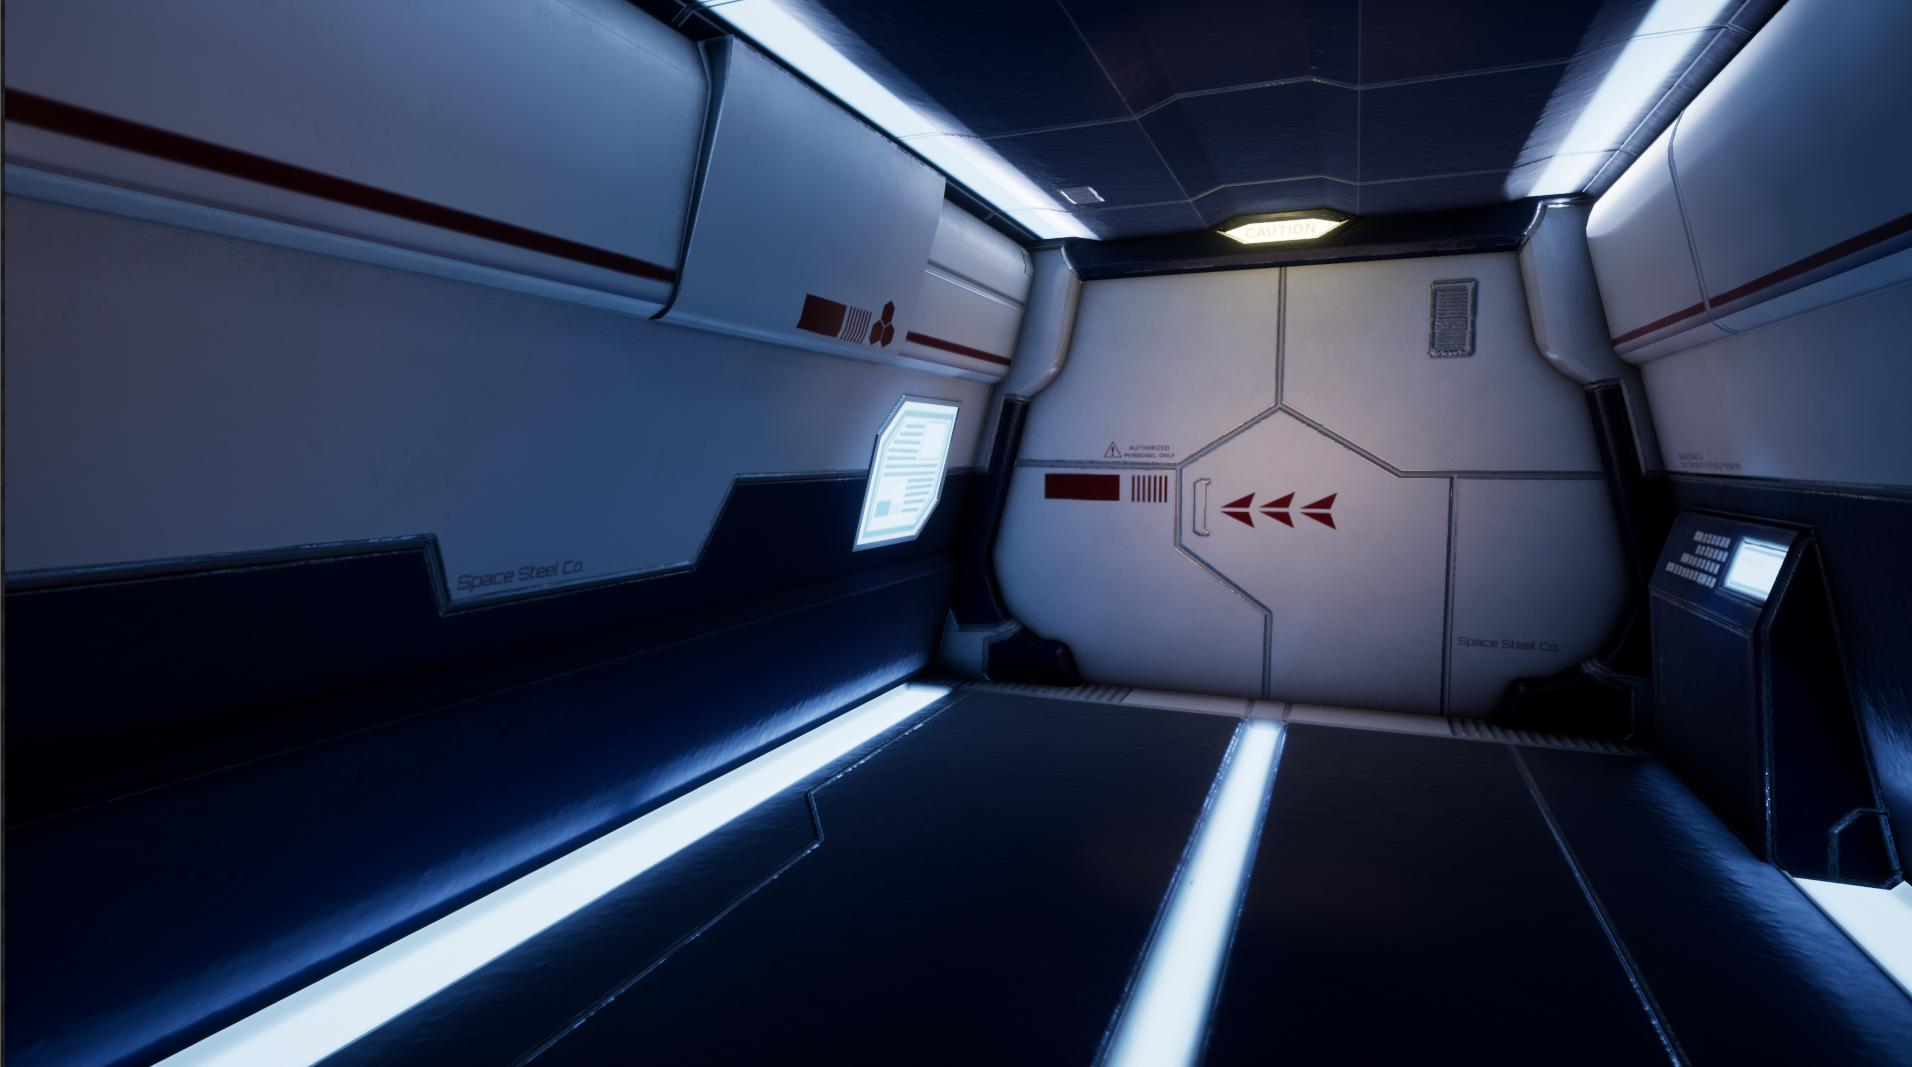 Sci-Fi Doorway Project